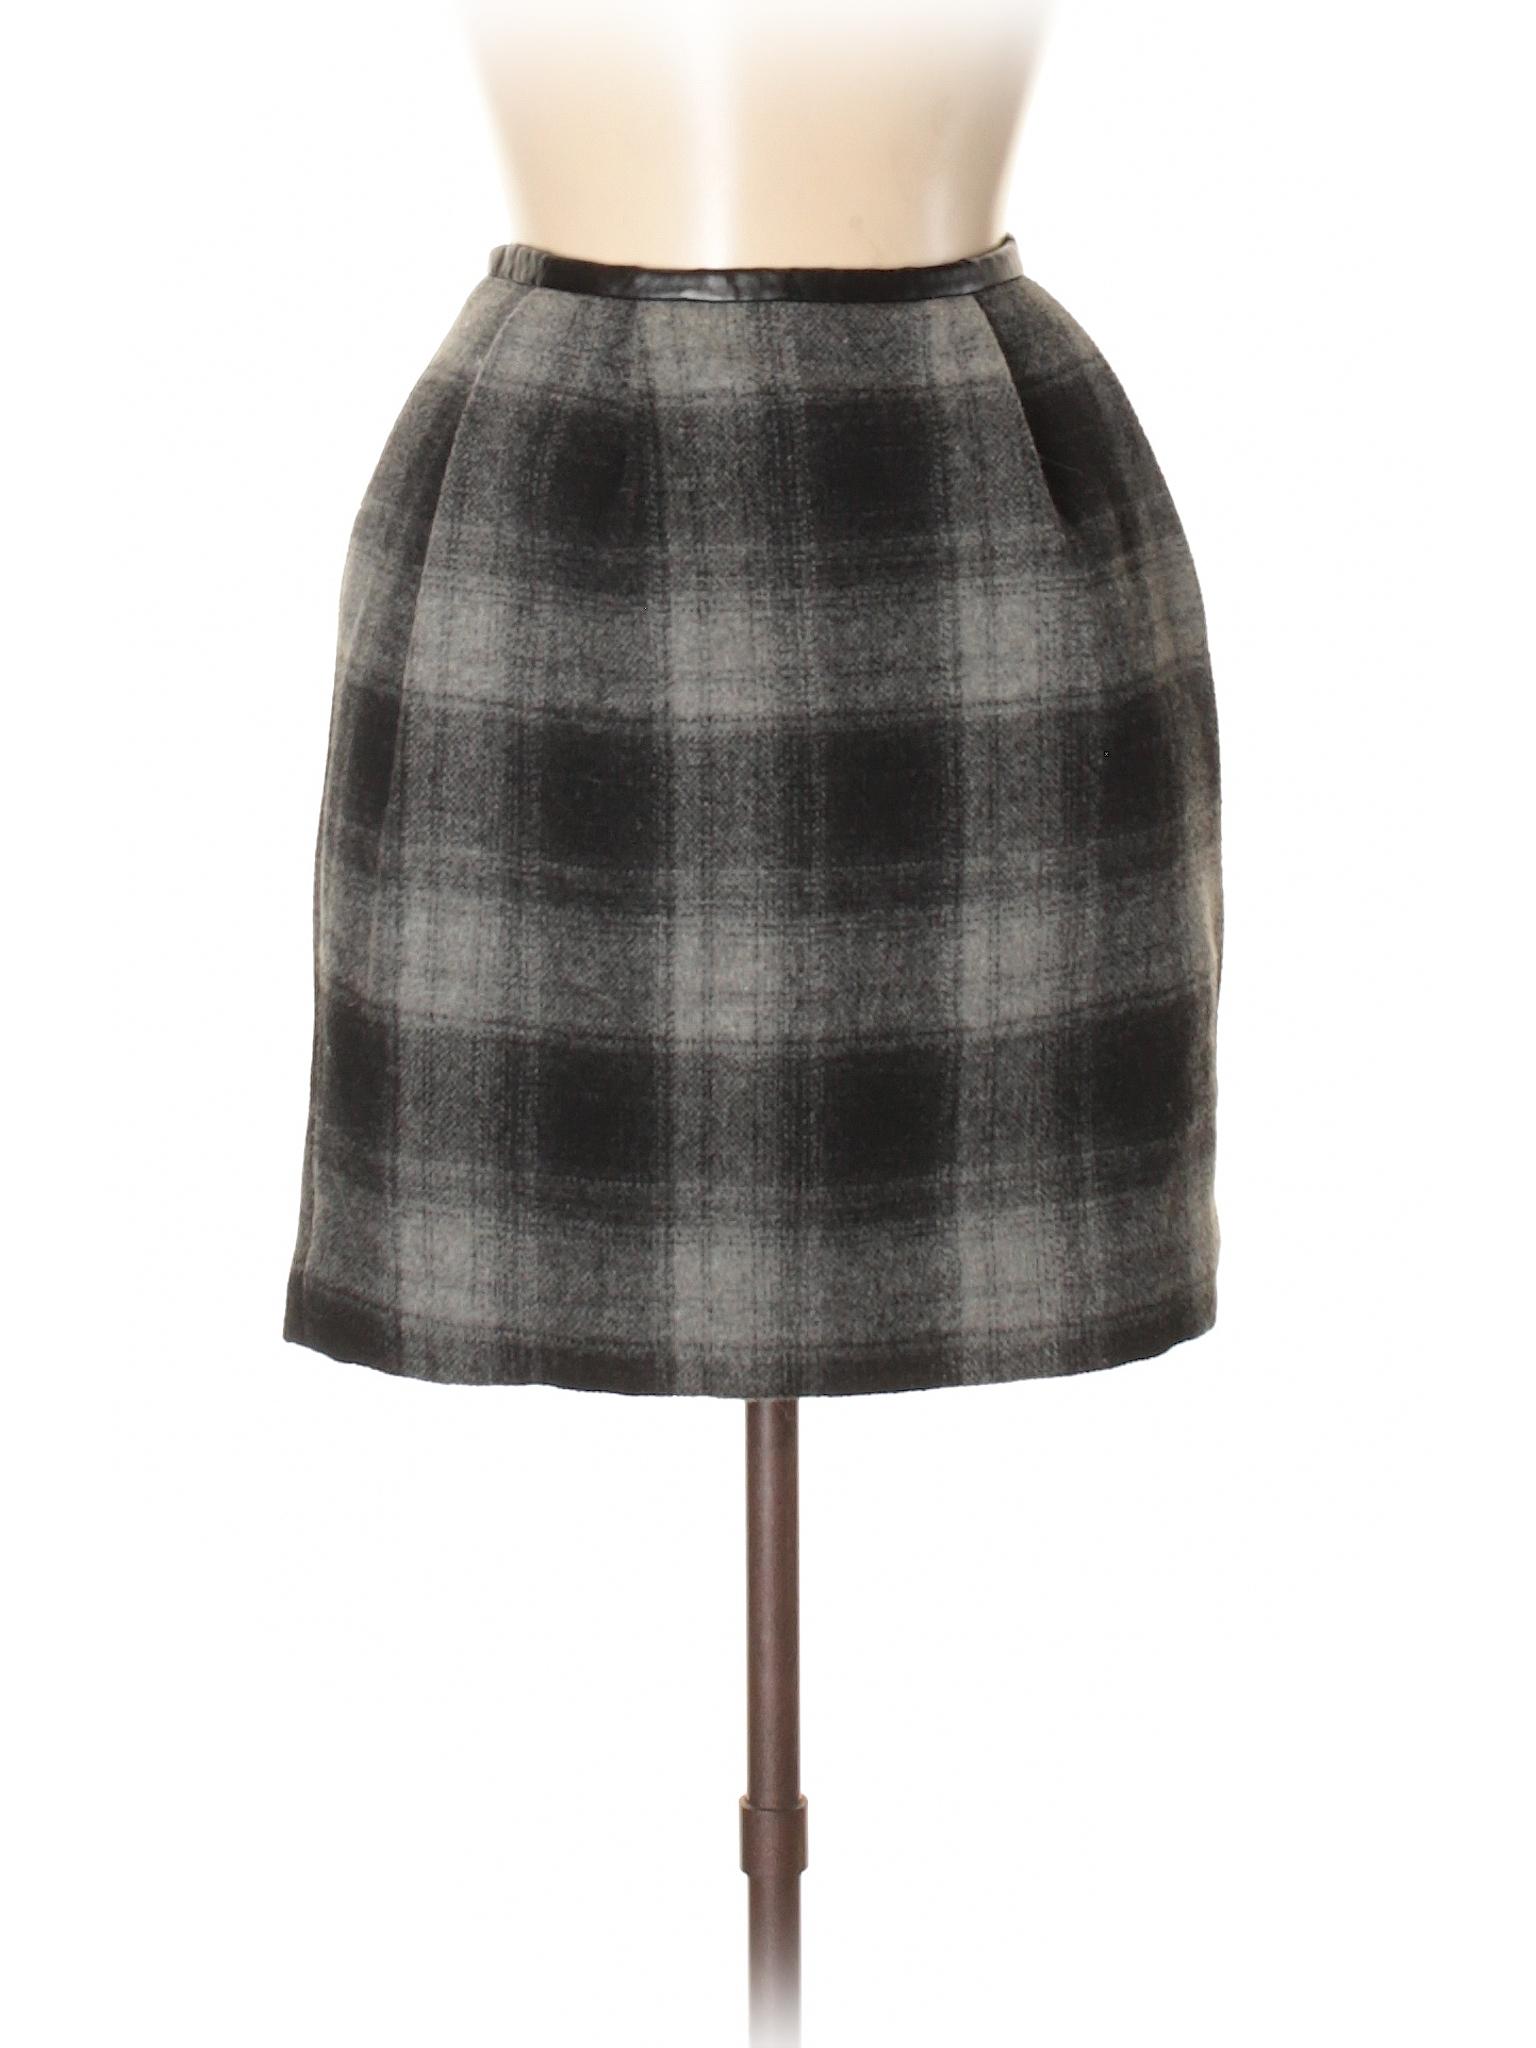 Boutique Leisure Casual Casual Gap Boutique Skirt Gap Skirt Leisure Boutique rwIrYq